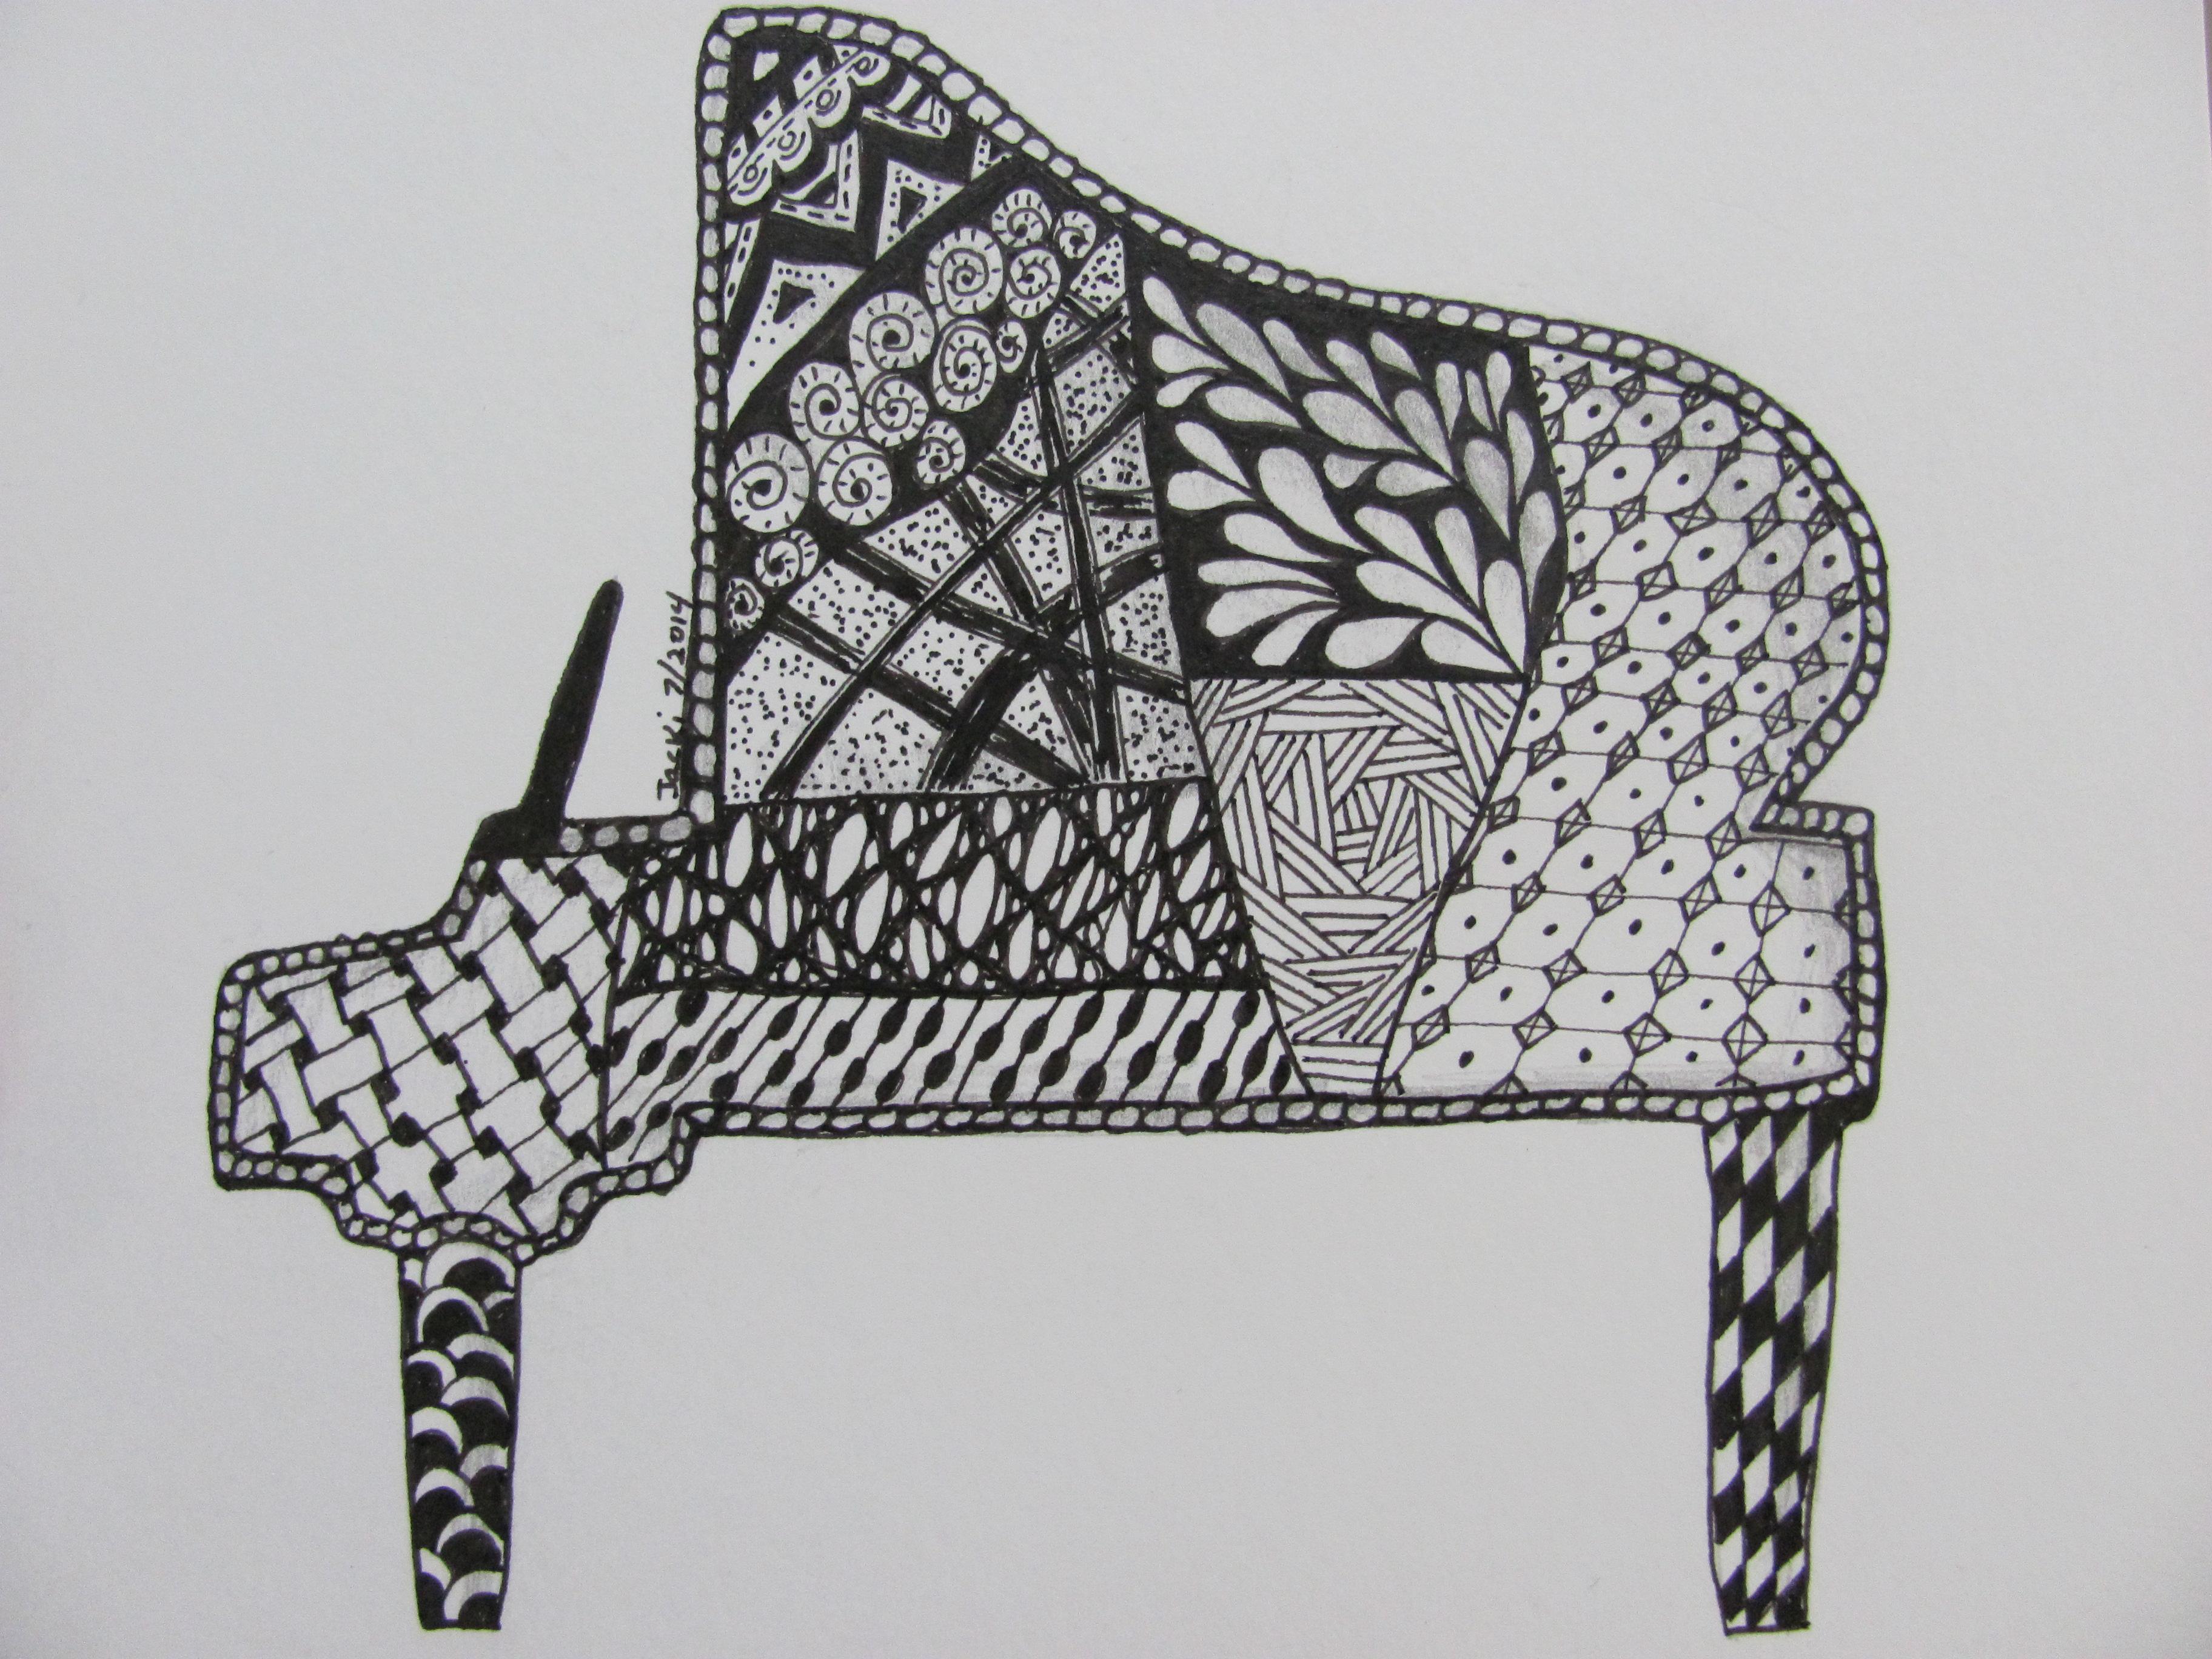 Piano clipart closed